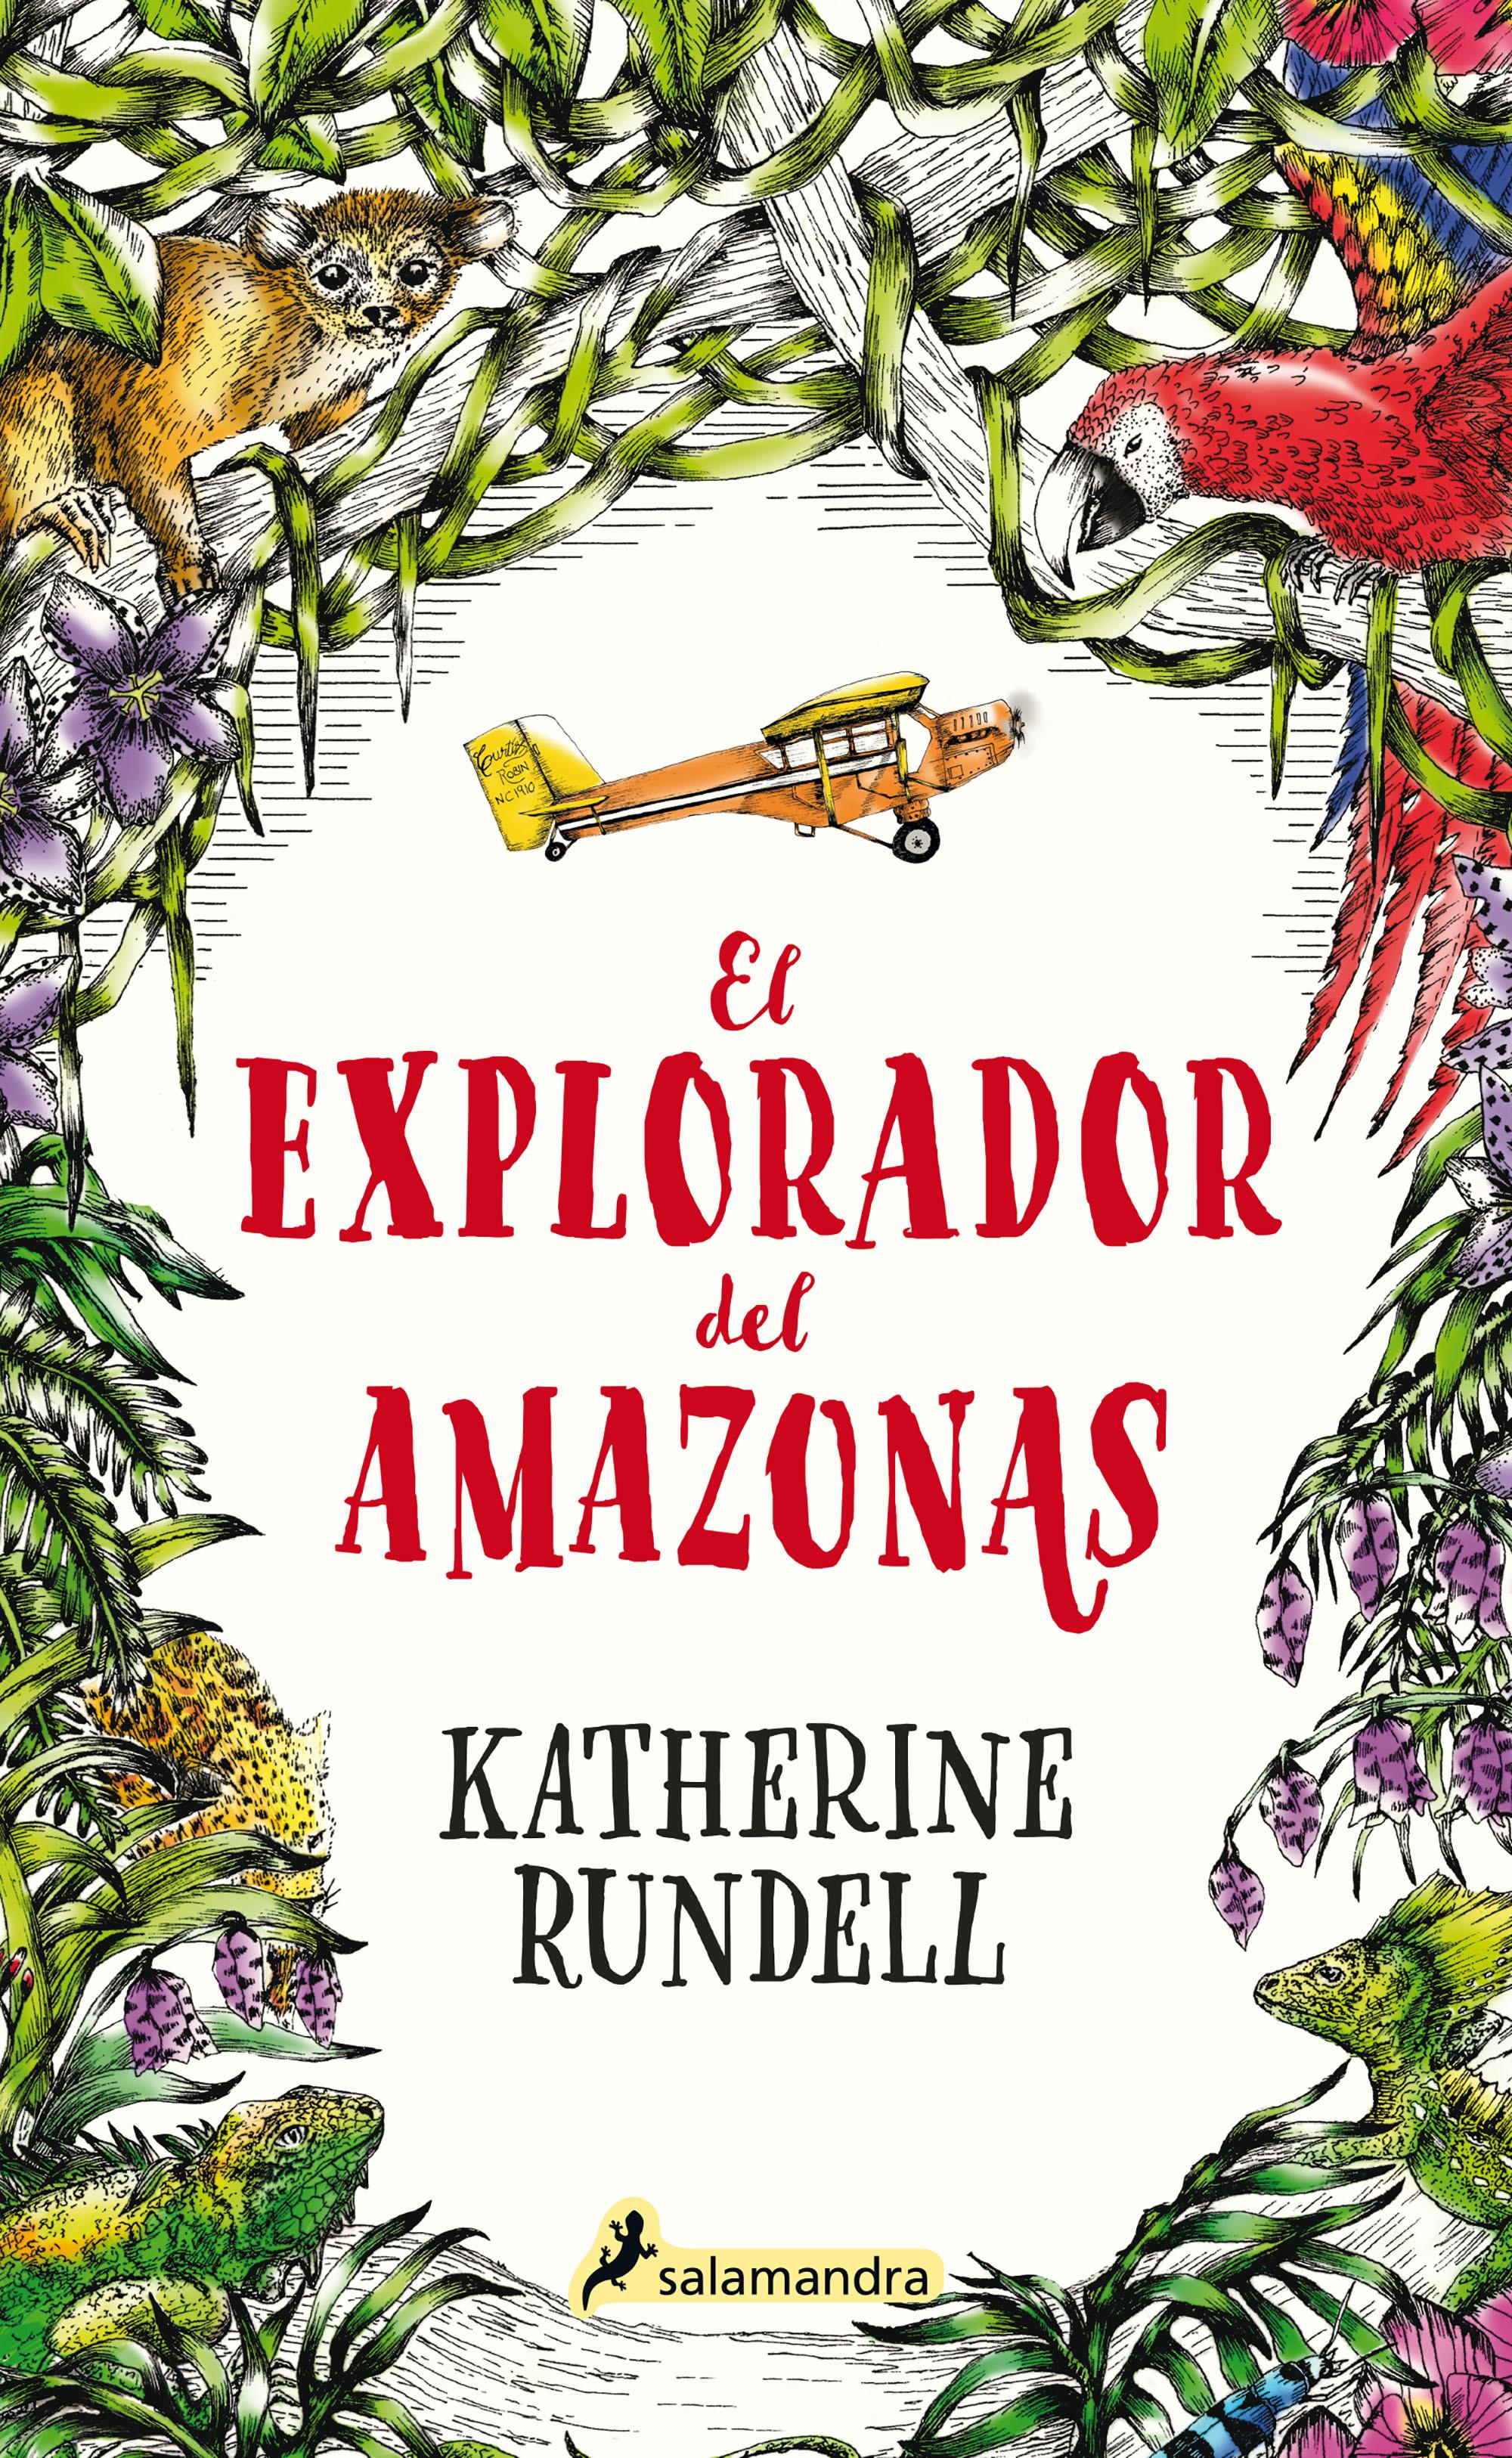 El explorador del Amazonas